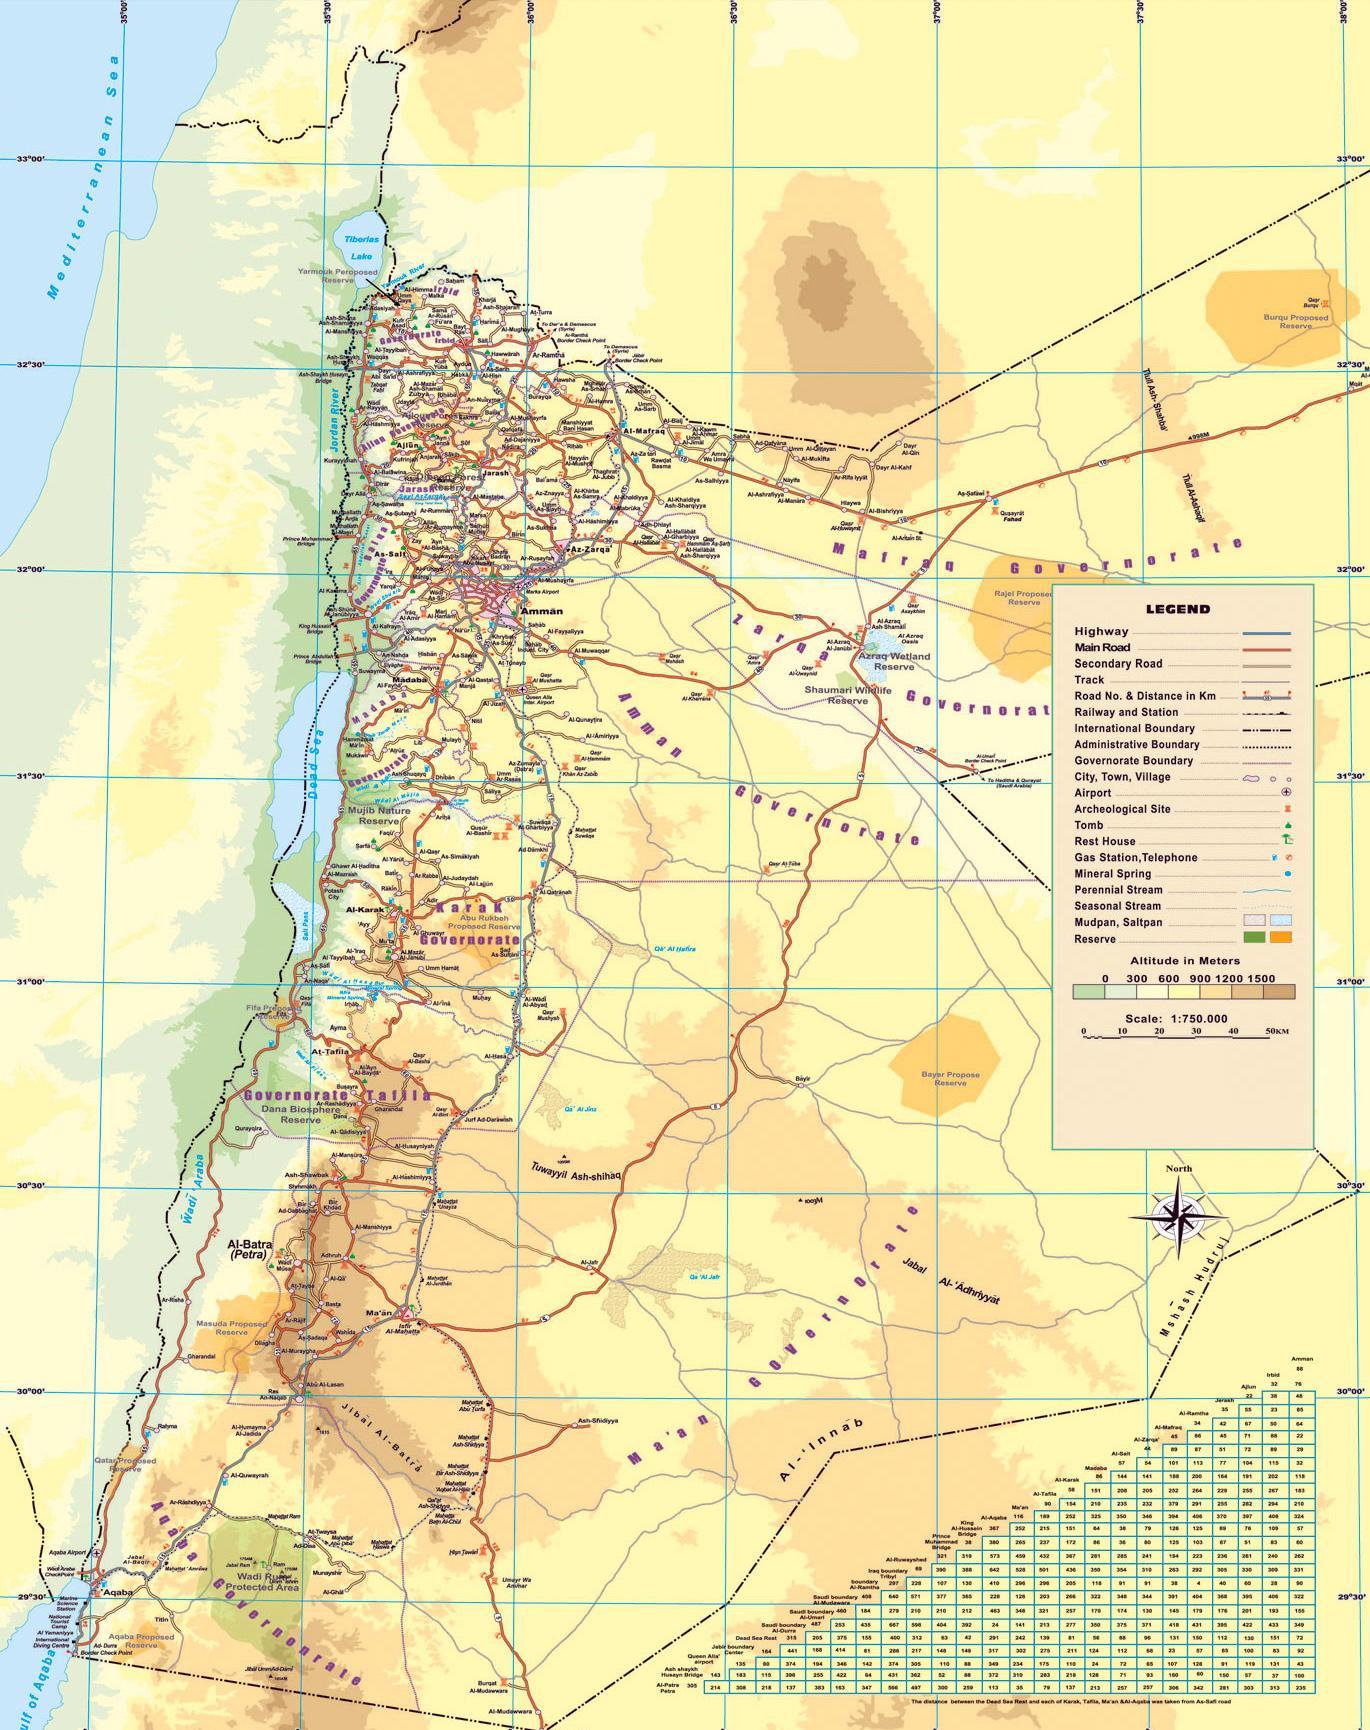 Jordanien Karte.Physische Karte Von Jordanien Karte Physikalische Karte Von